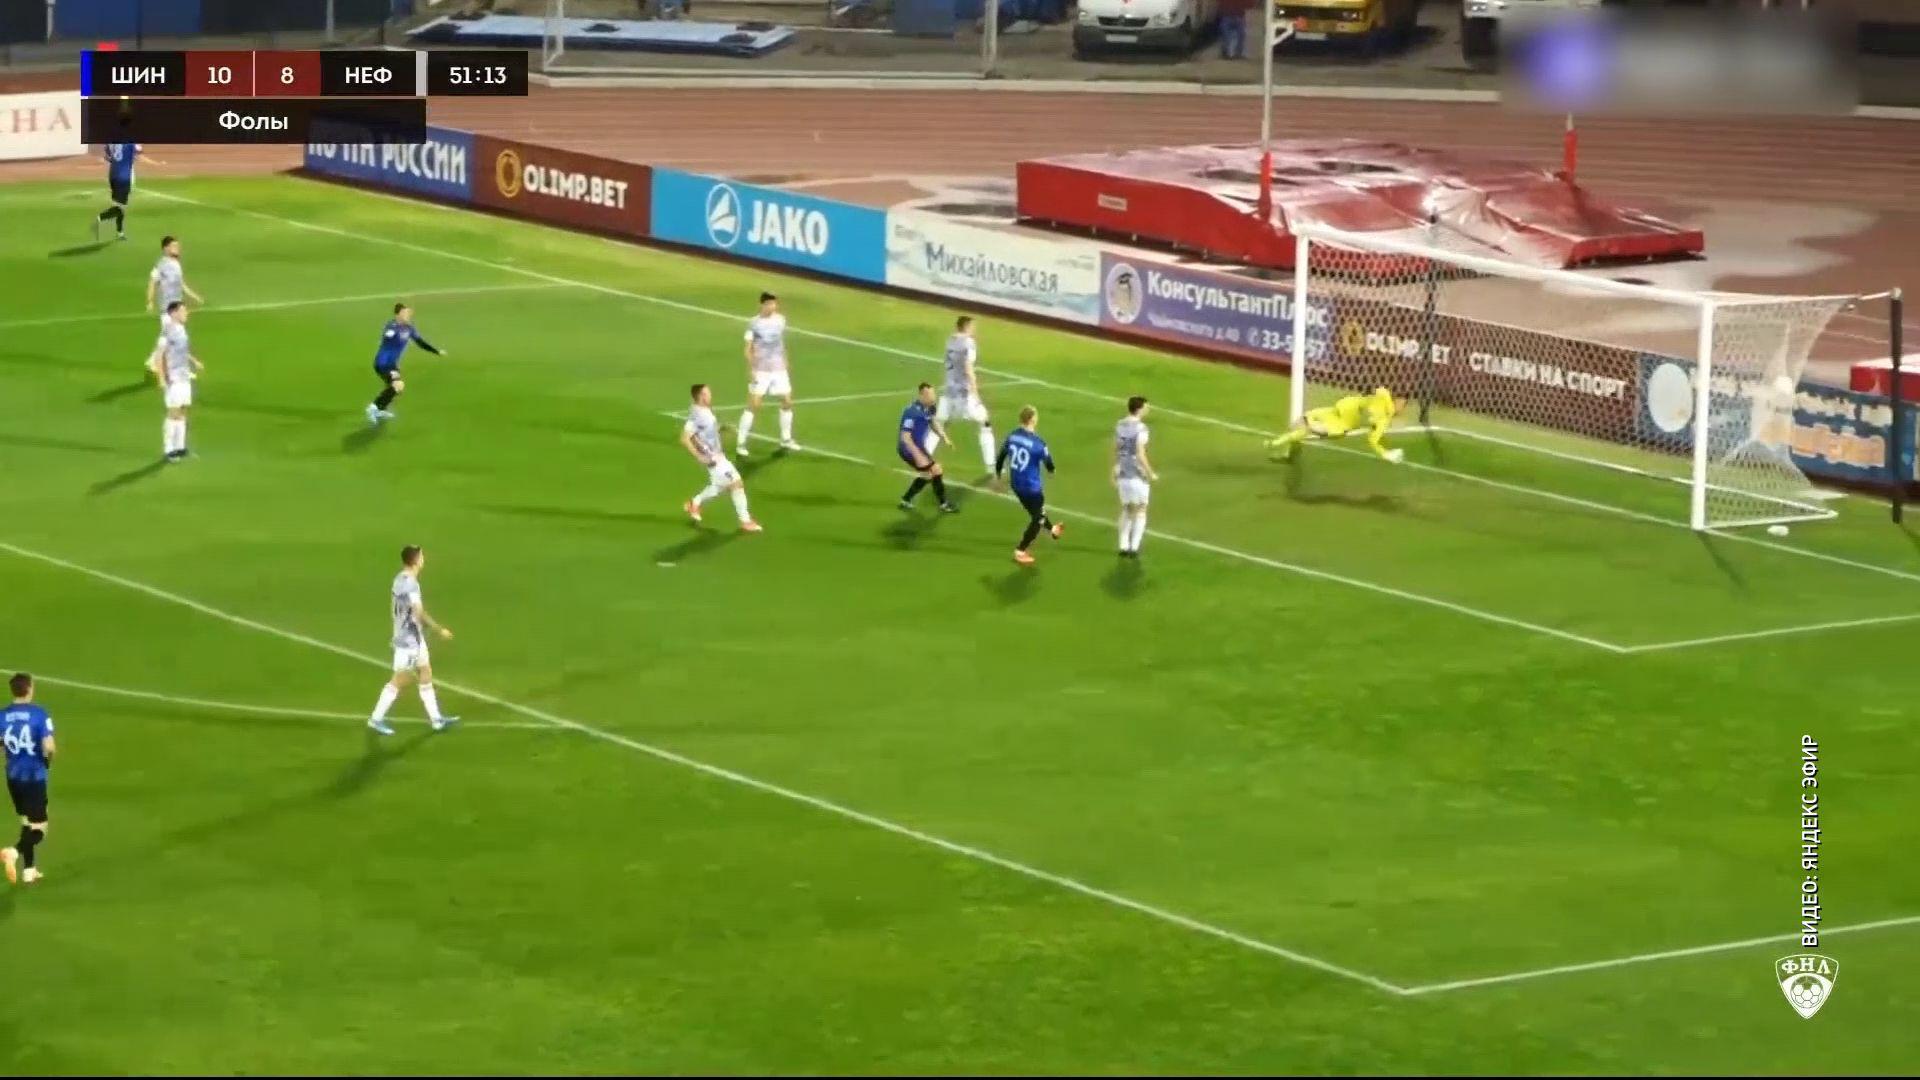 Ярославский «Шинник» опустился на последнюю строчку в таблице чемпионата ФНЛ